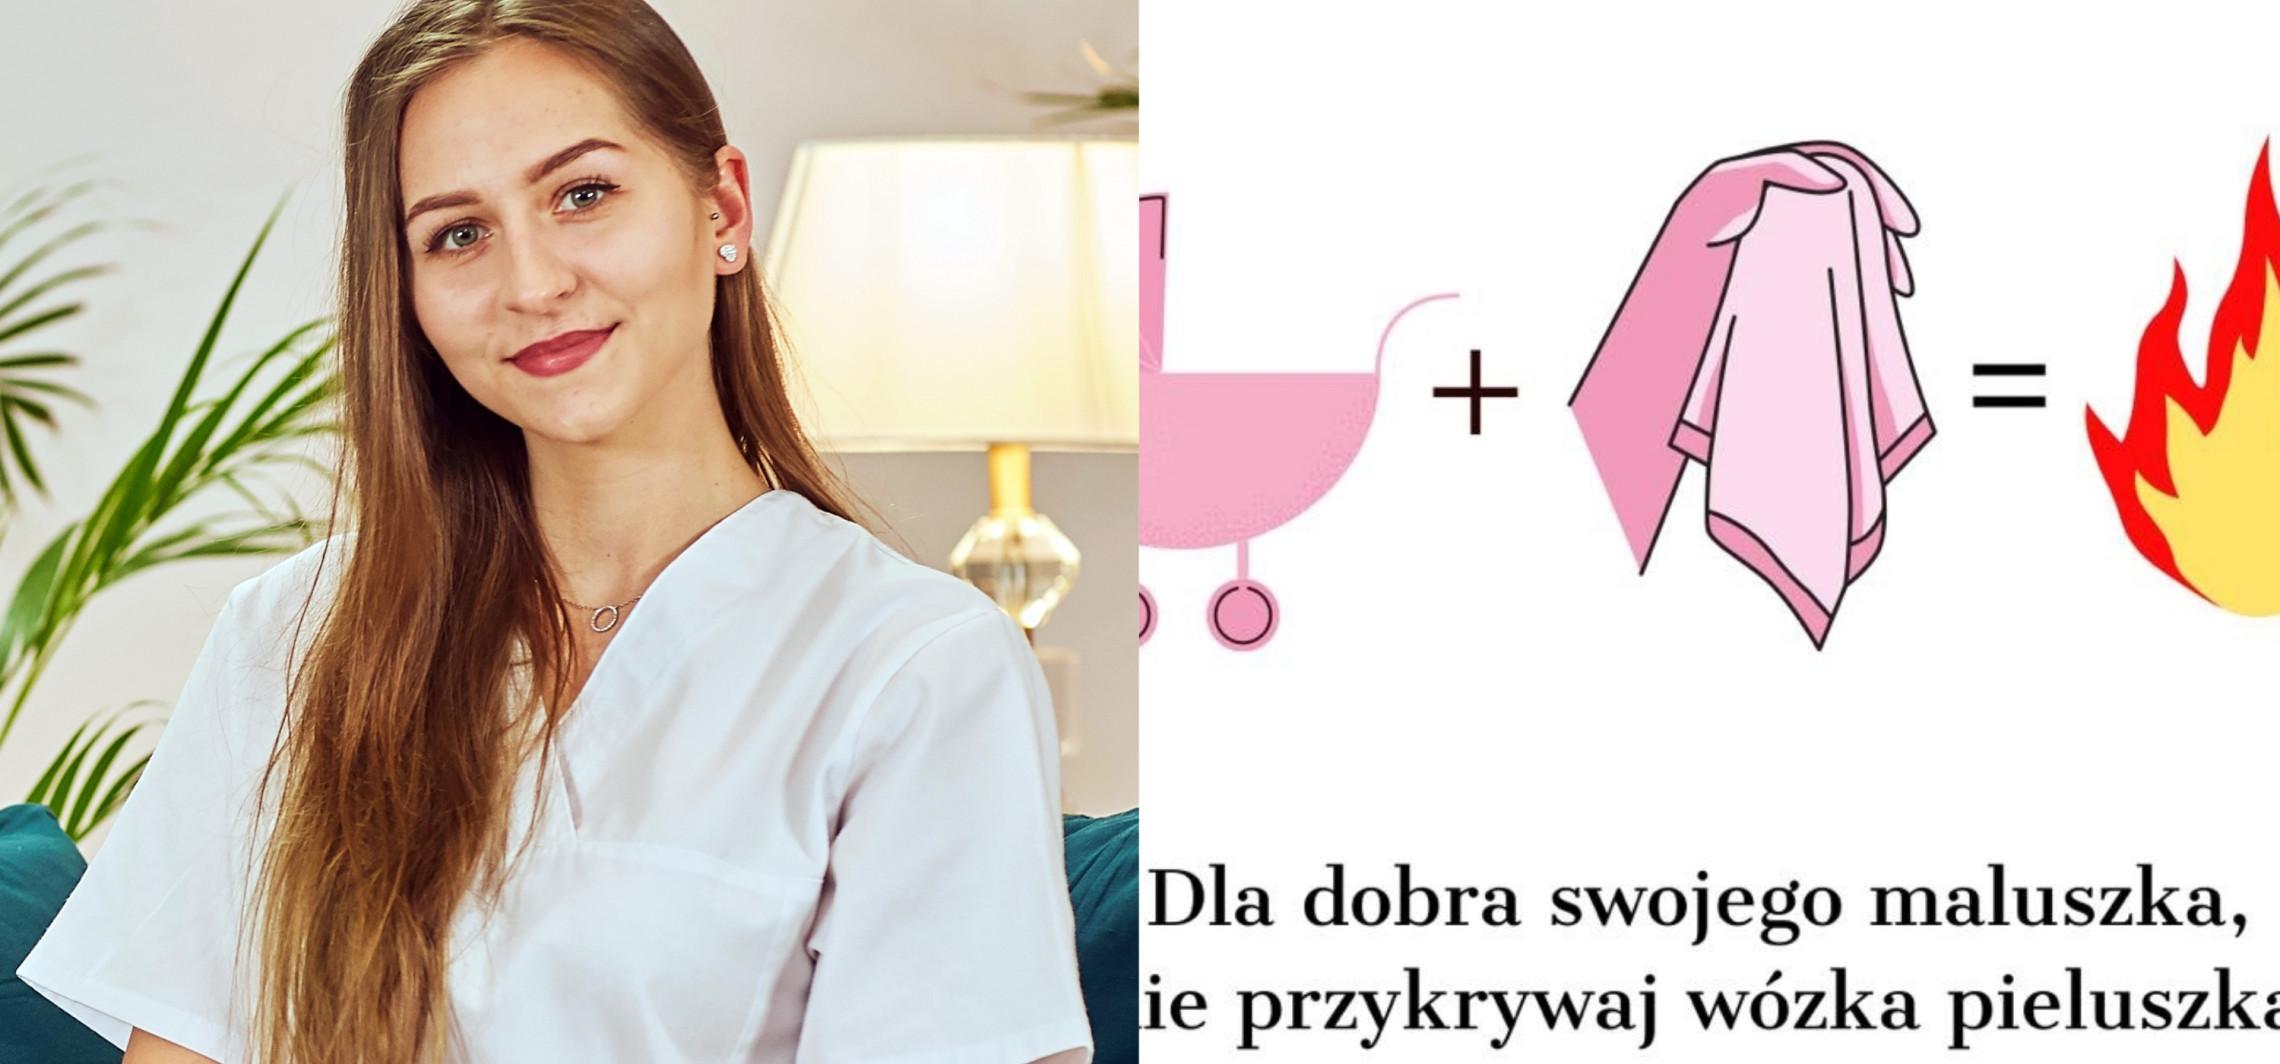 Inowrocław - Dziecko a upał. Położna ostrzega przed błędami